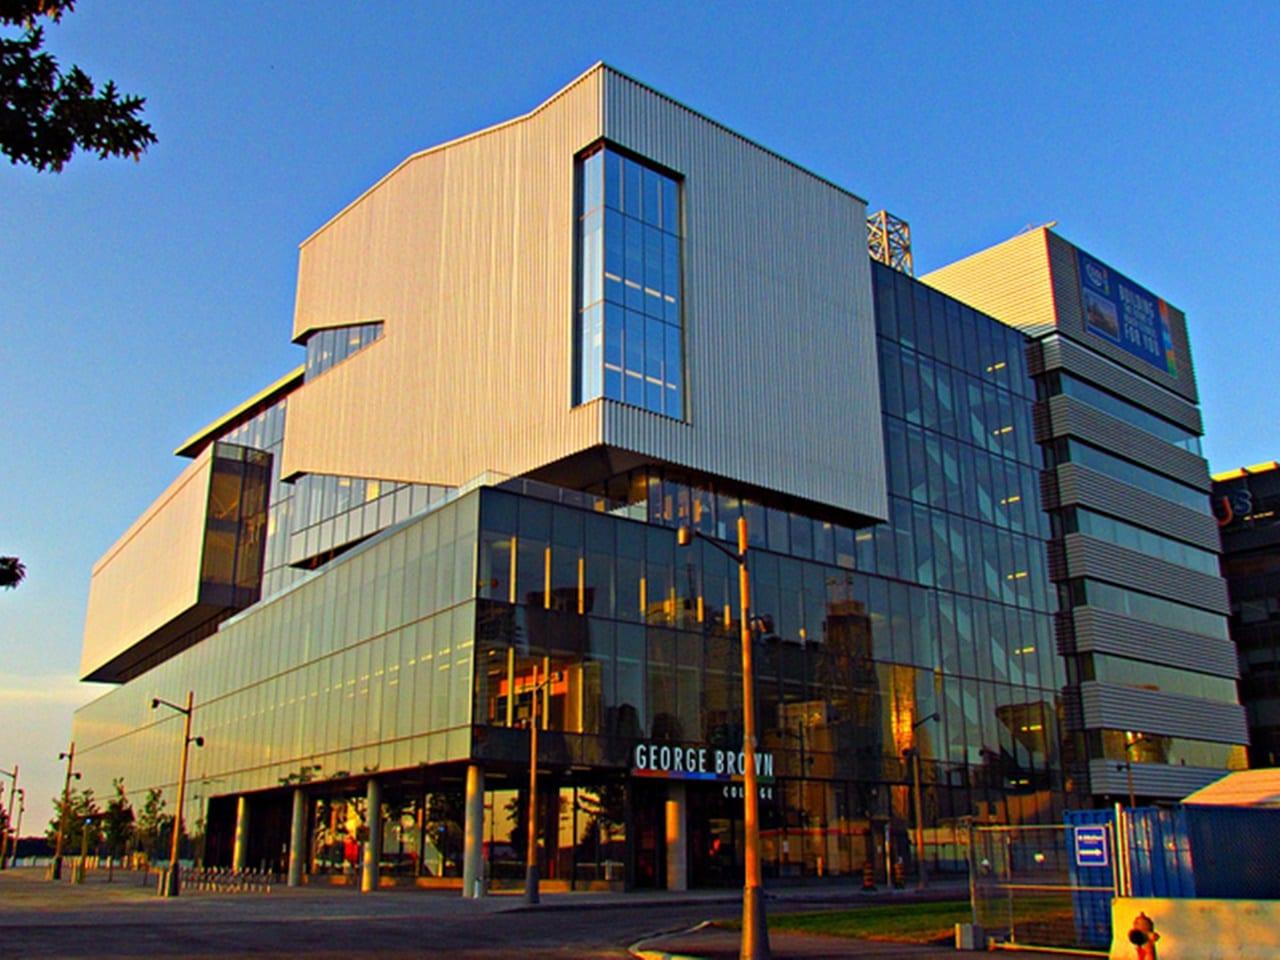 Trường Cao đẳng George Brown Canada